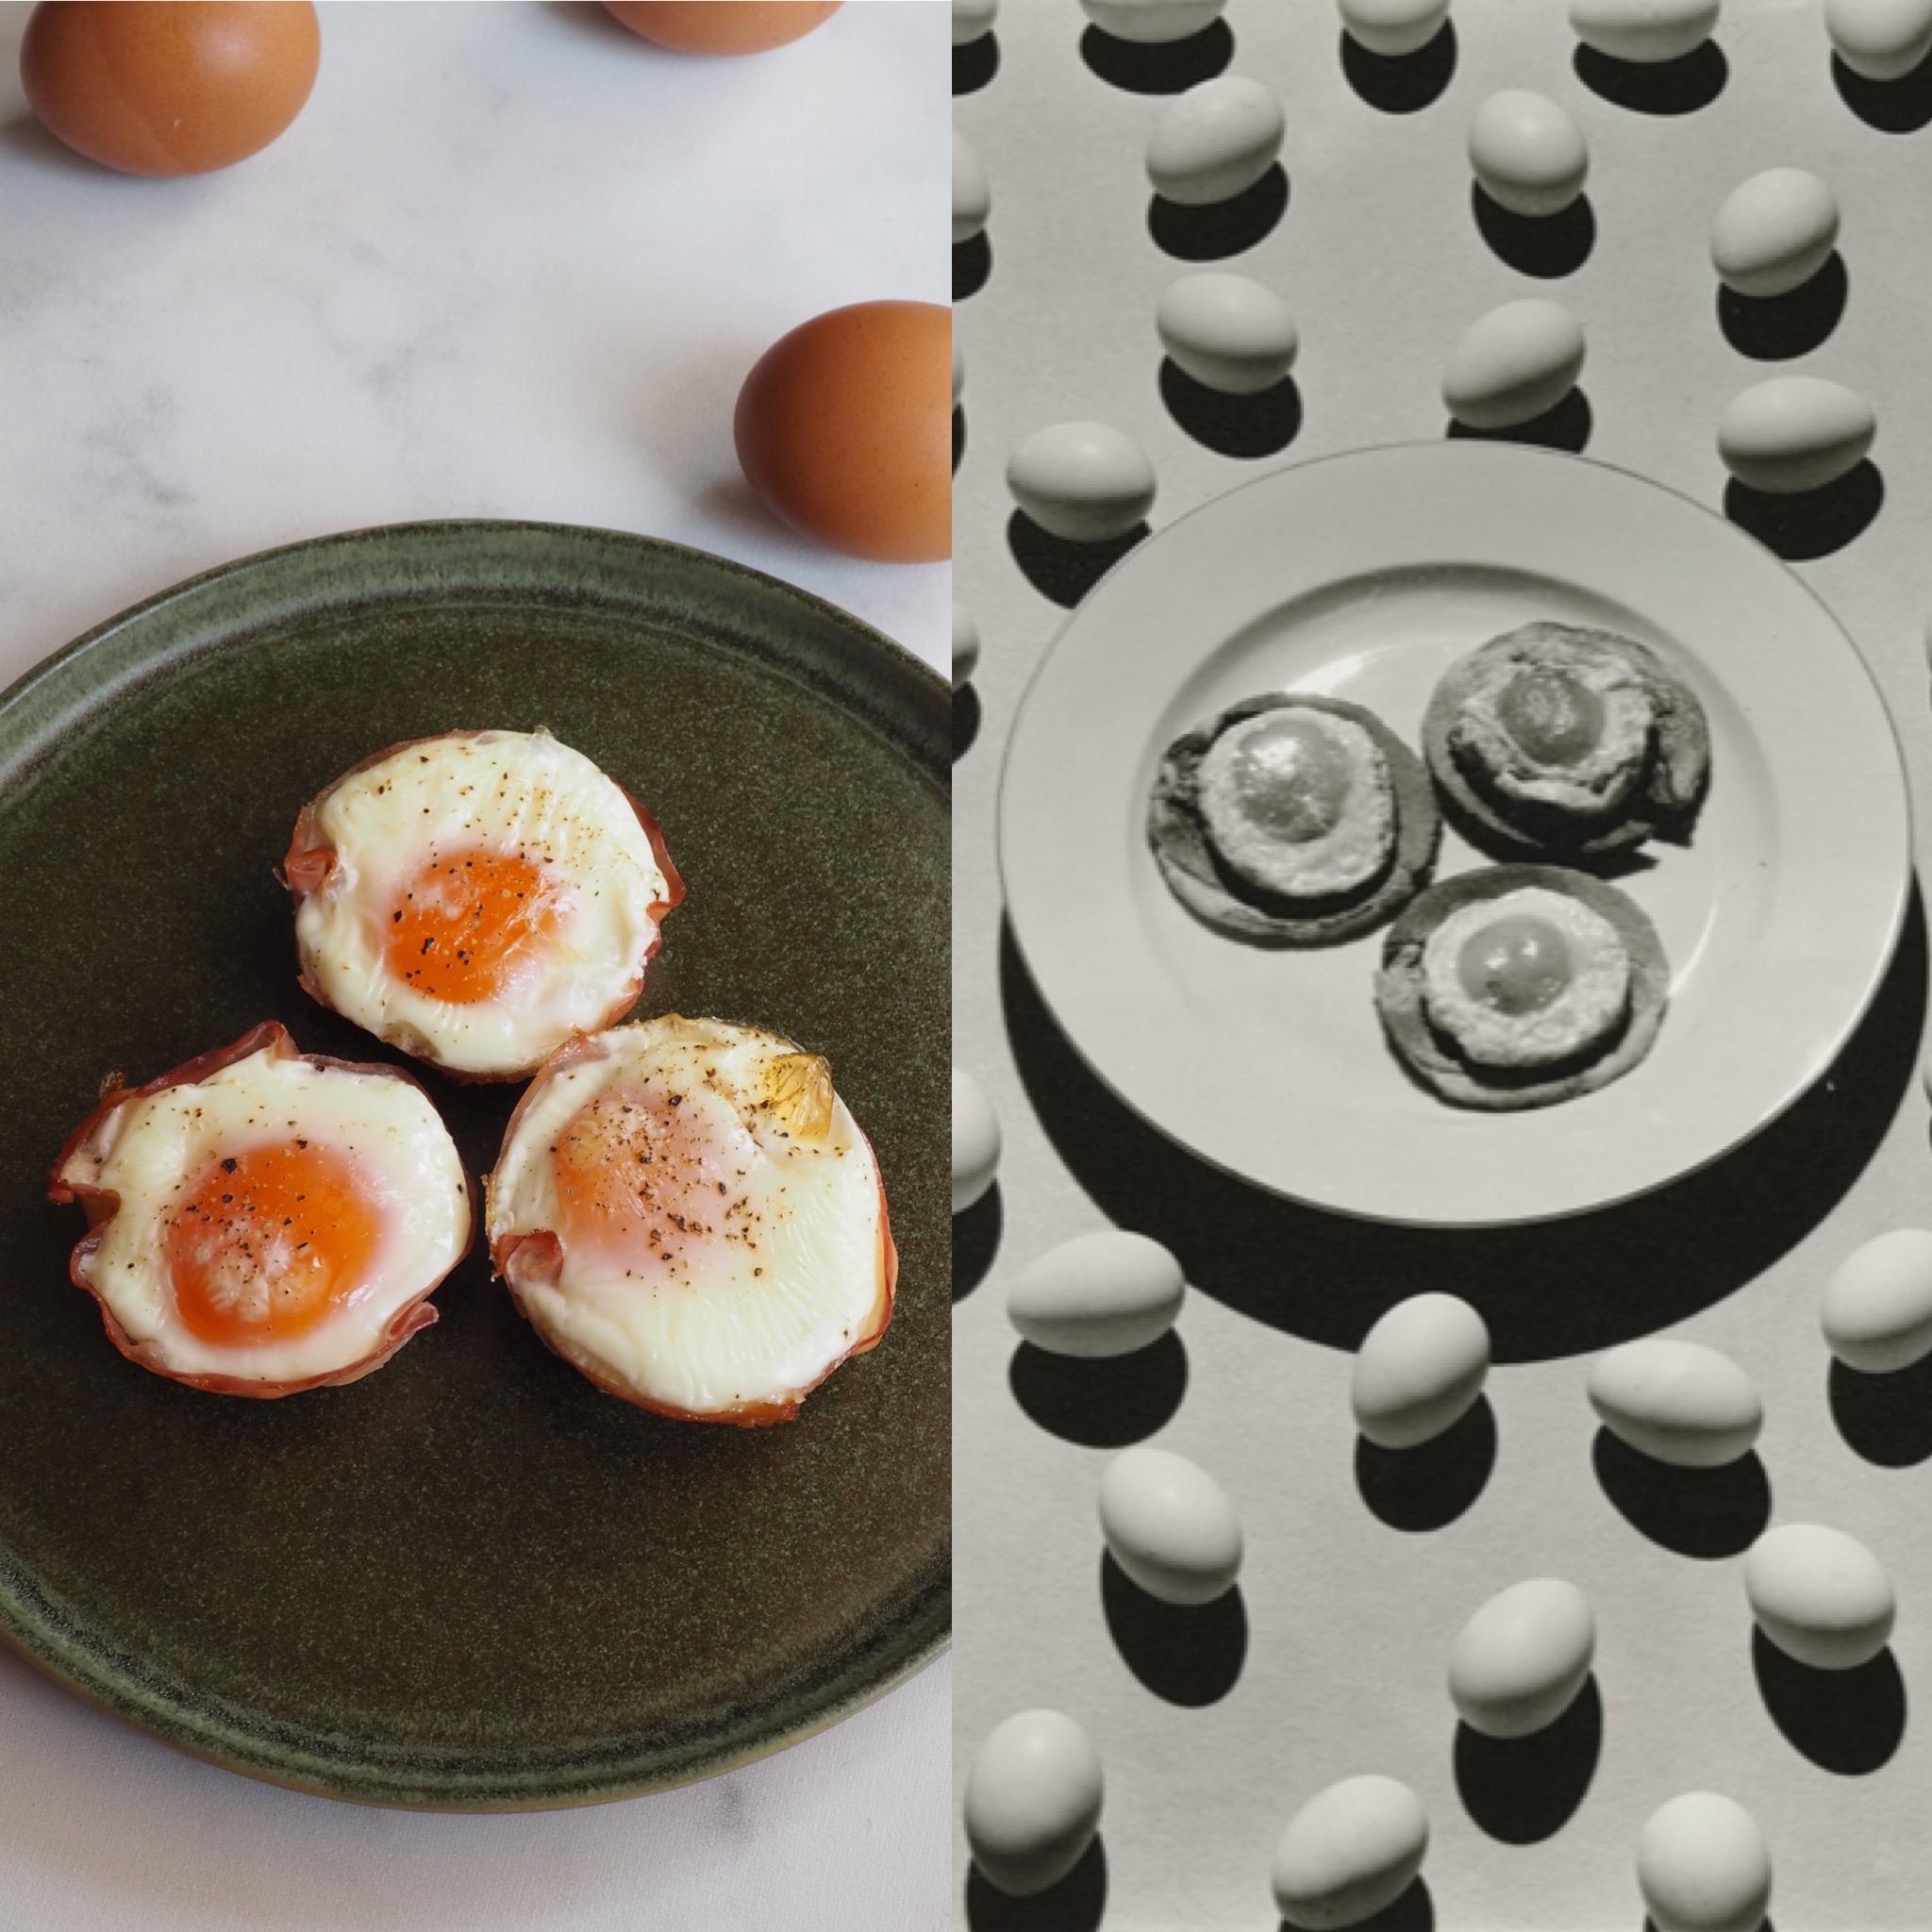 Ralph Steiner, l'anunci publicitari i les cistelles d'ou i pernil (cat)